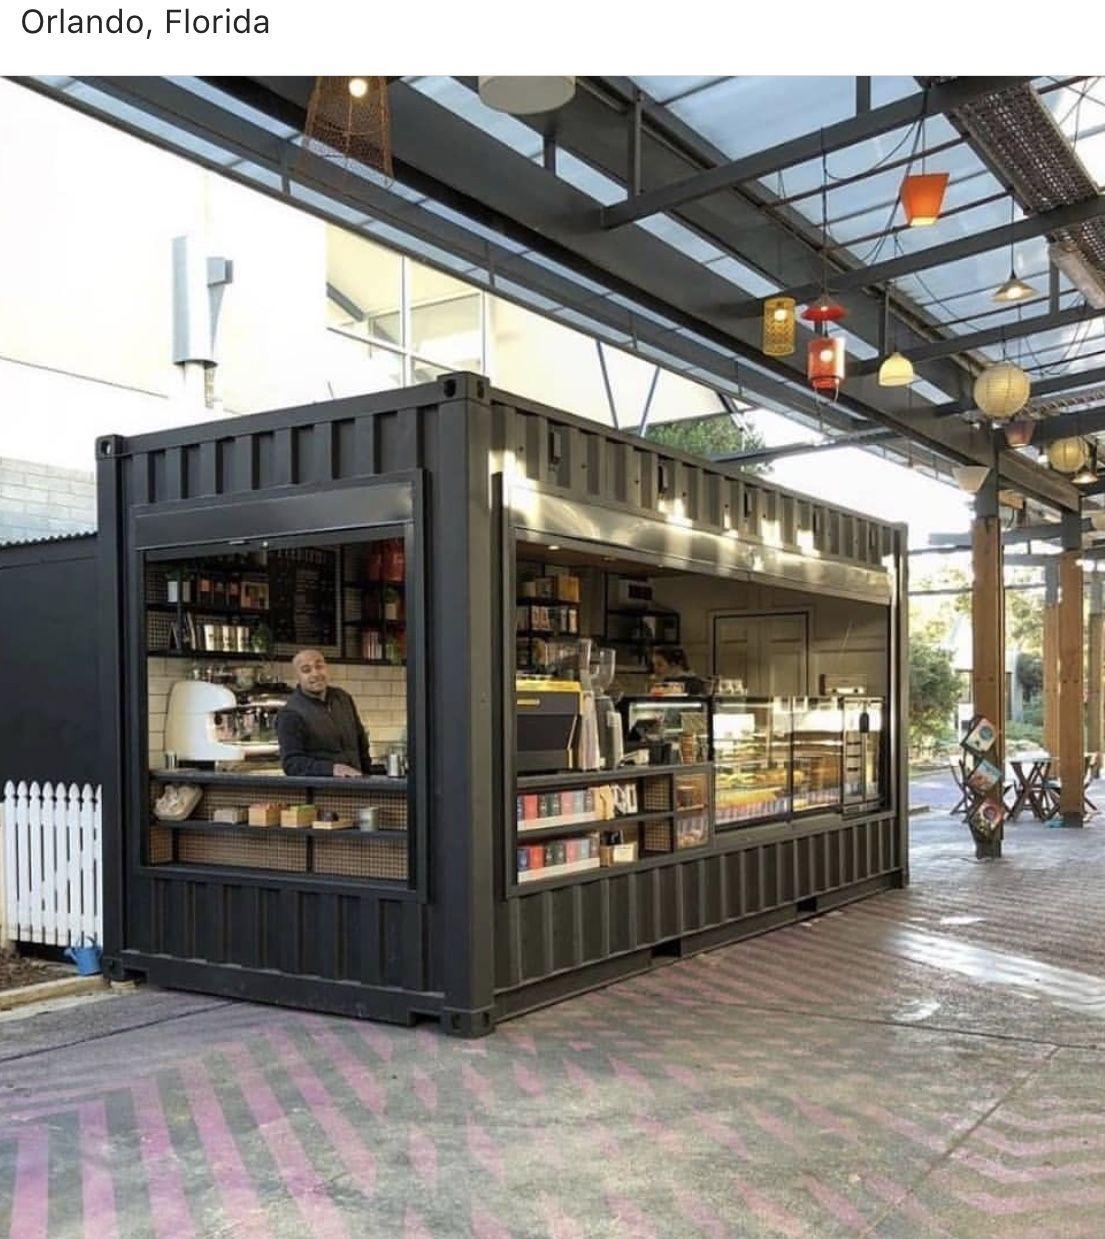 Pin De Blump Em Container House Projeto Casa Container Arquitetura De Container Conteiner Bar